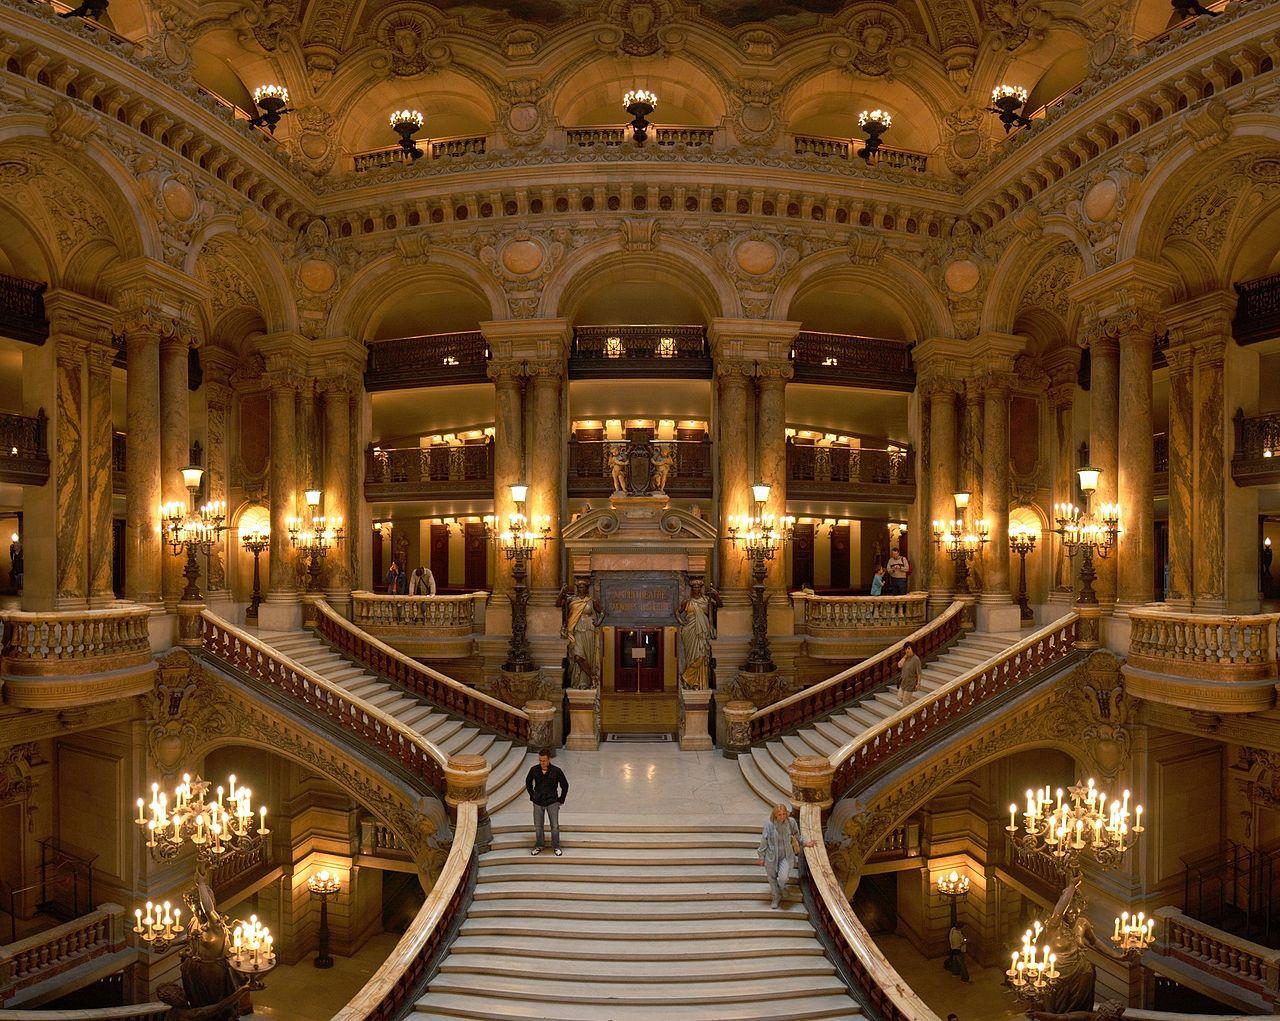 โรงละครปาเลส์การ์นิเย่-โถงกลาง